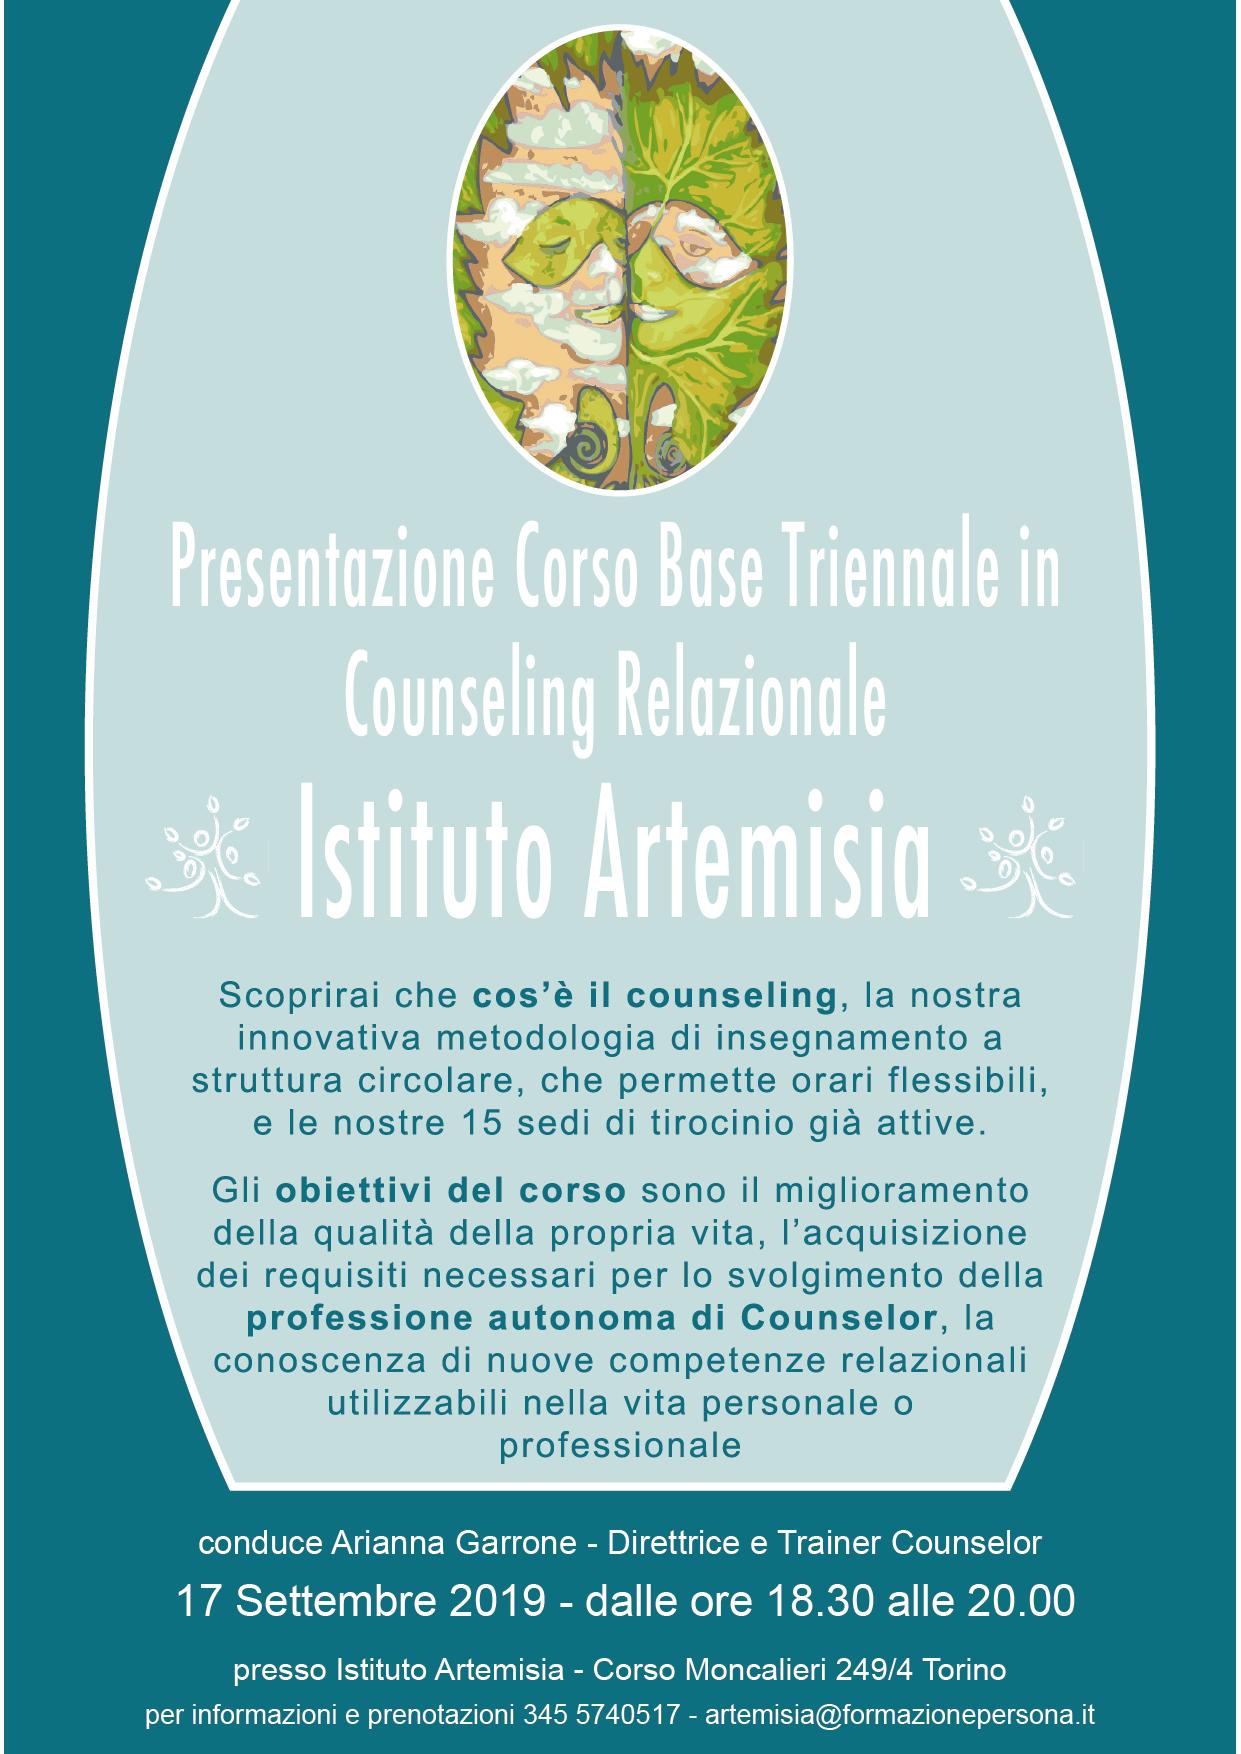 Presentazione Corso Base in Counseling Relazionale